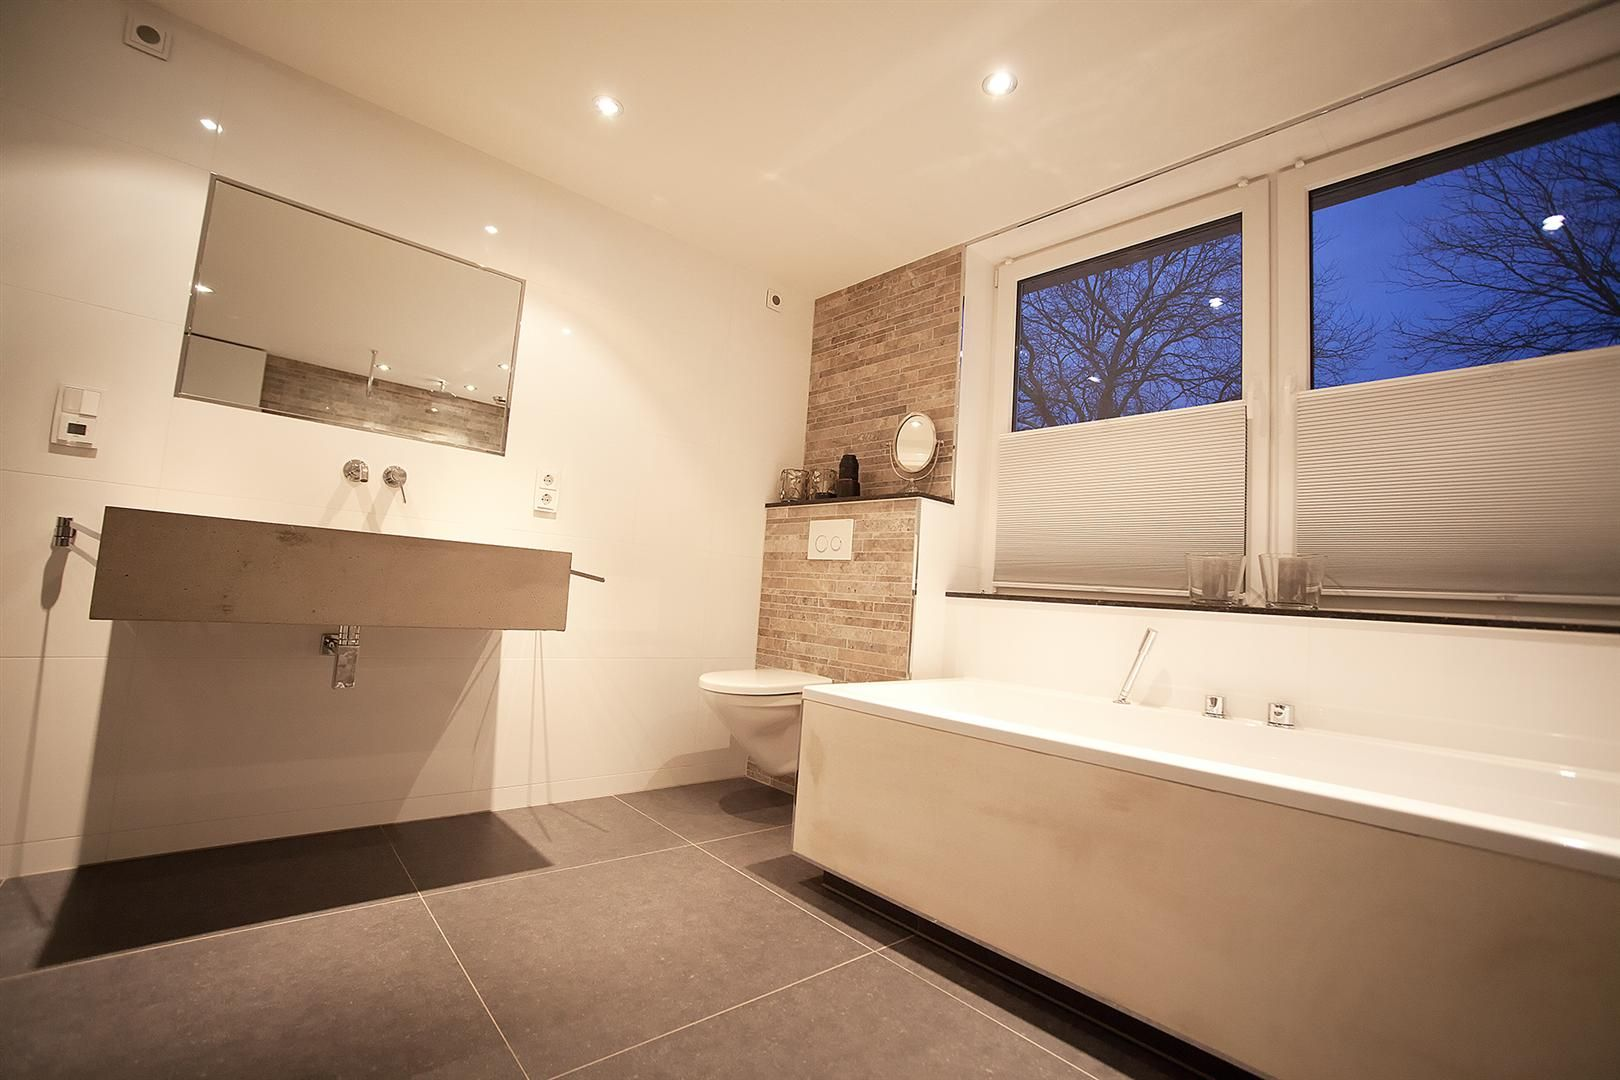 voor een badkamer precies past kan je het best op maat laten